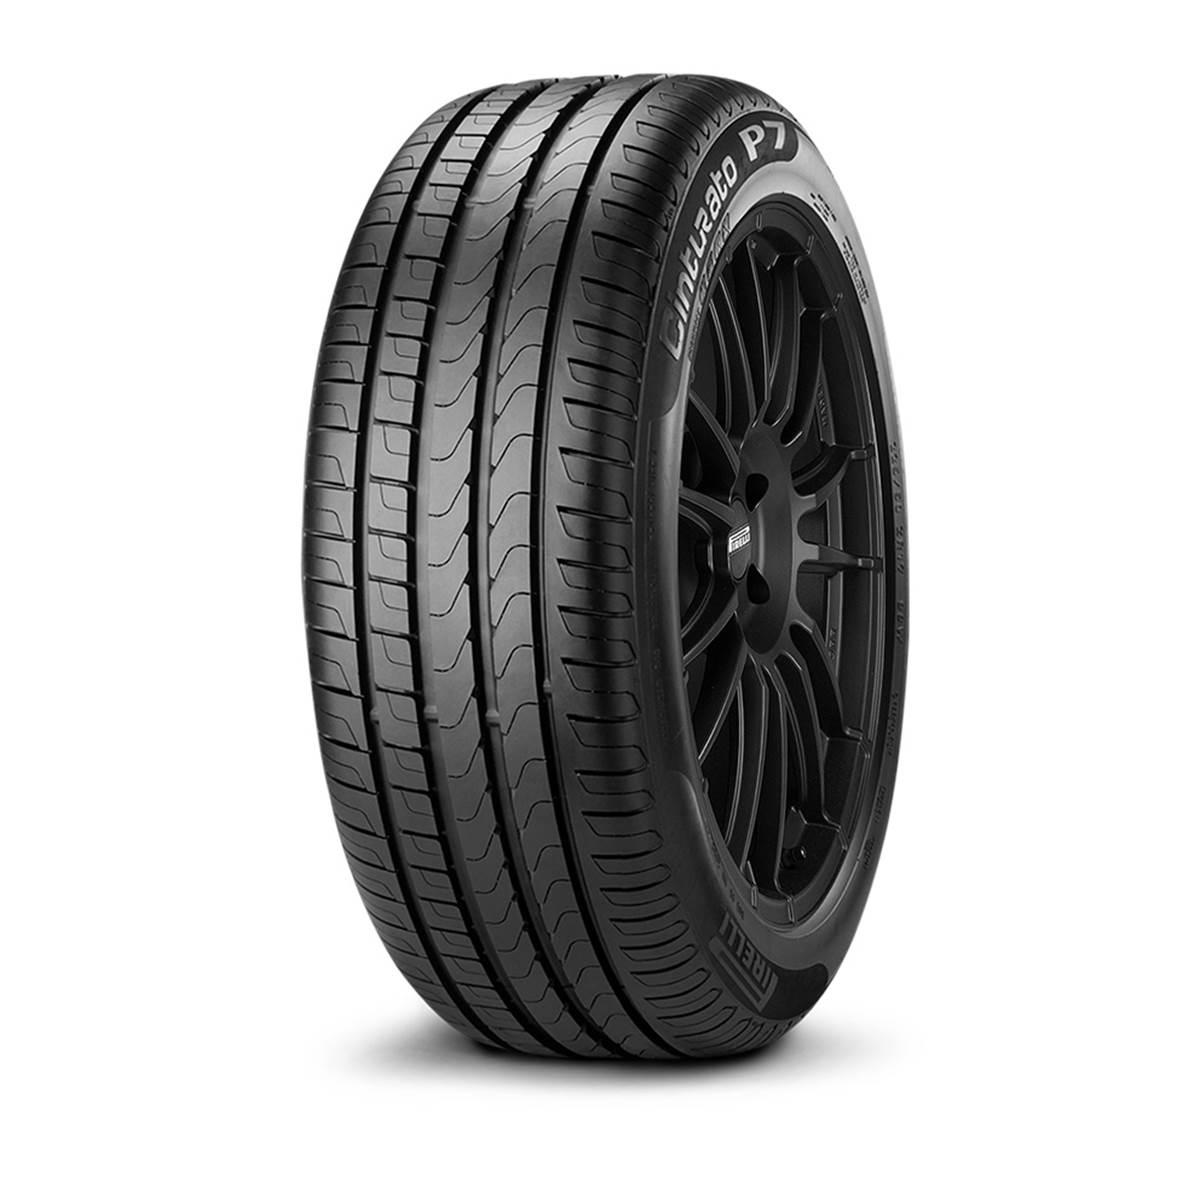 Pneu Pirelli 225/50R17 94Y Cinturato P7